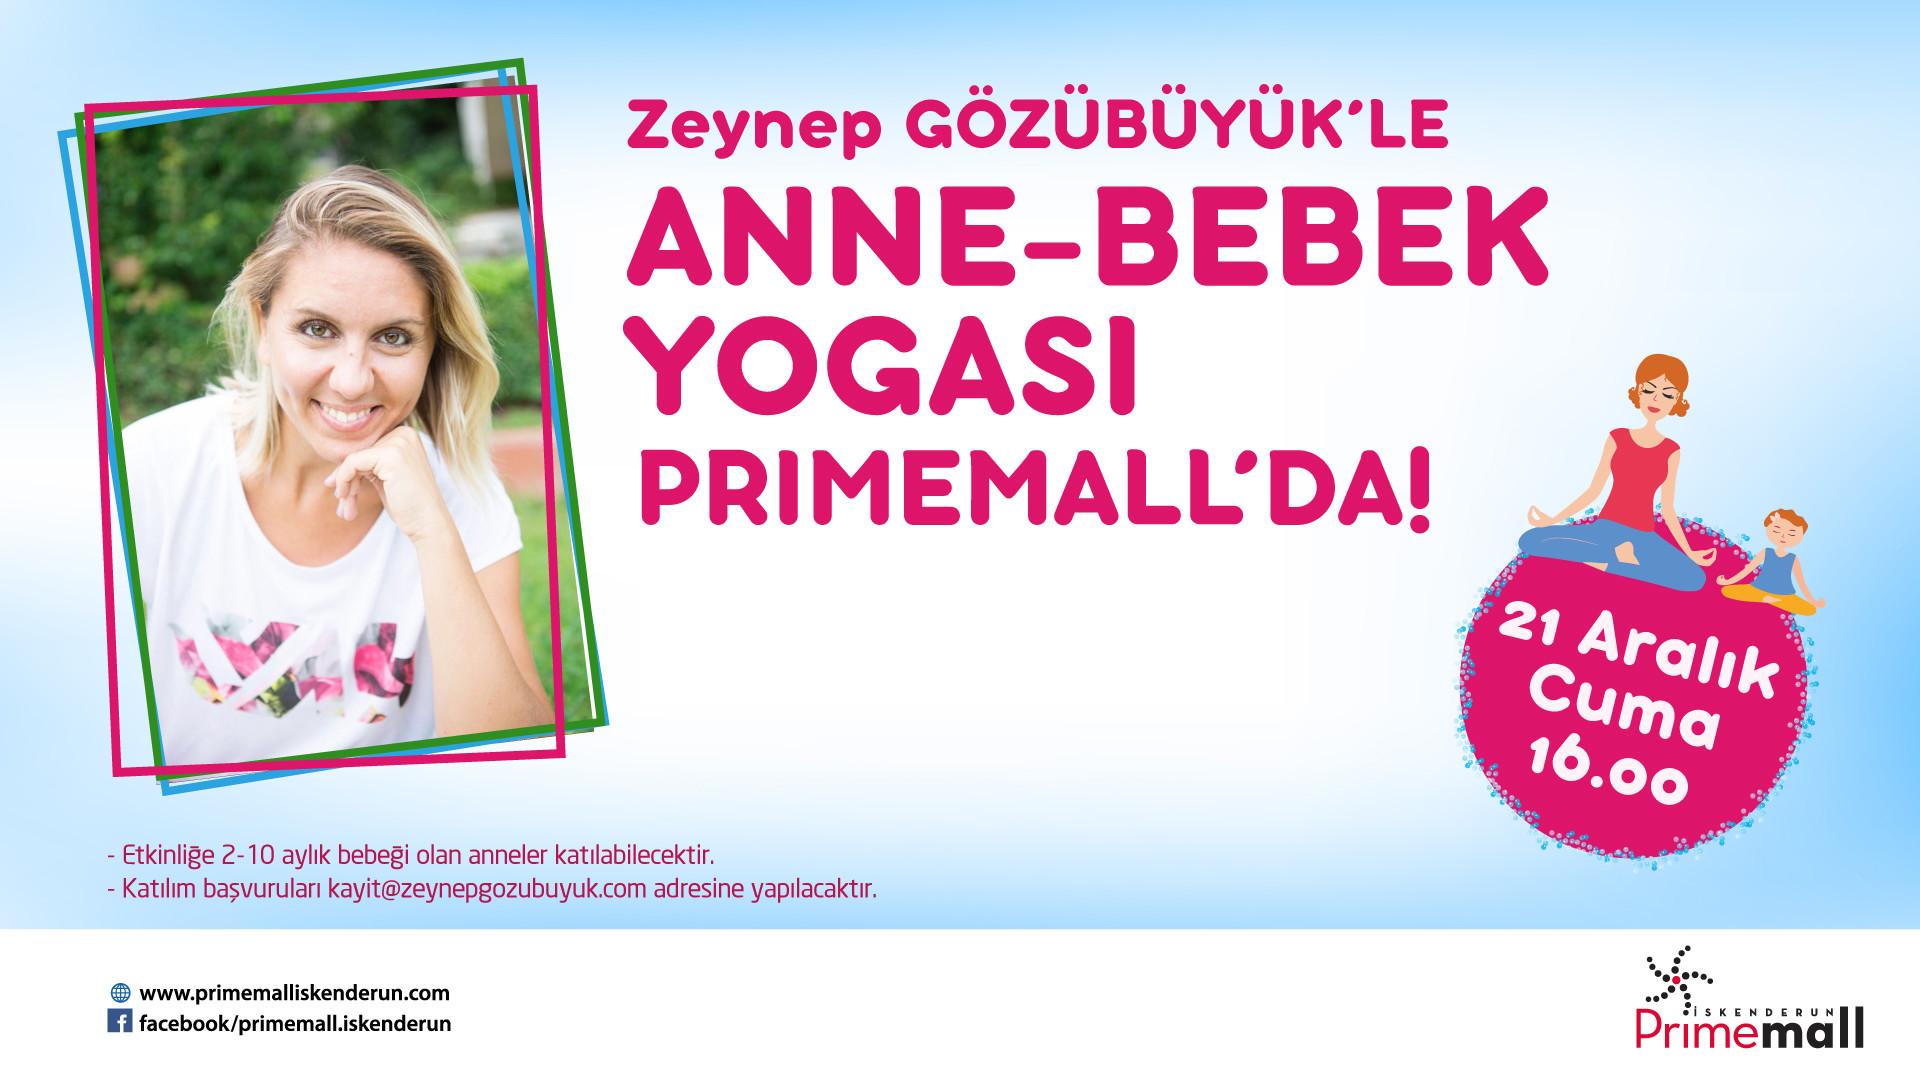 Zeynep Gözübüyük'le Anne-Bebek Yogası Primemall'da